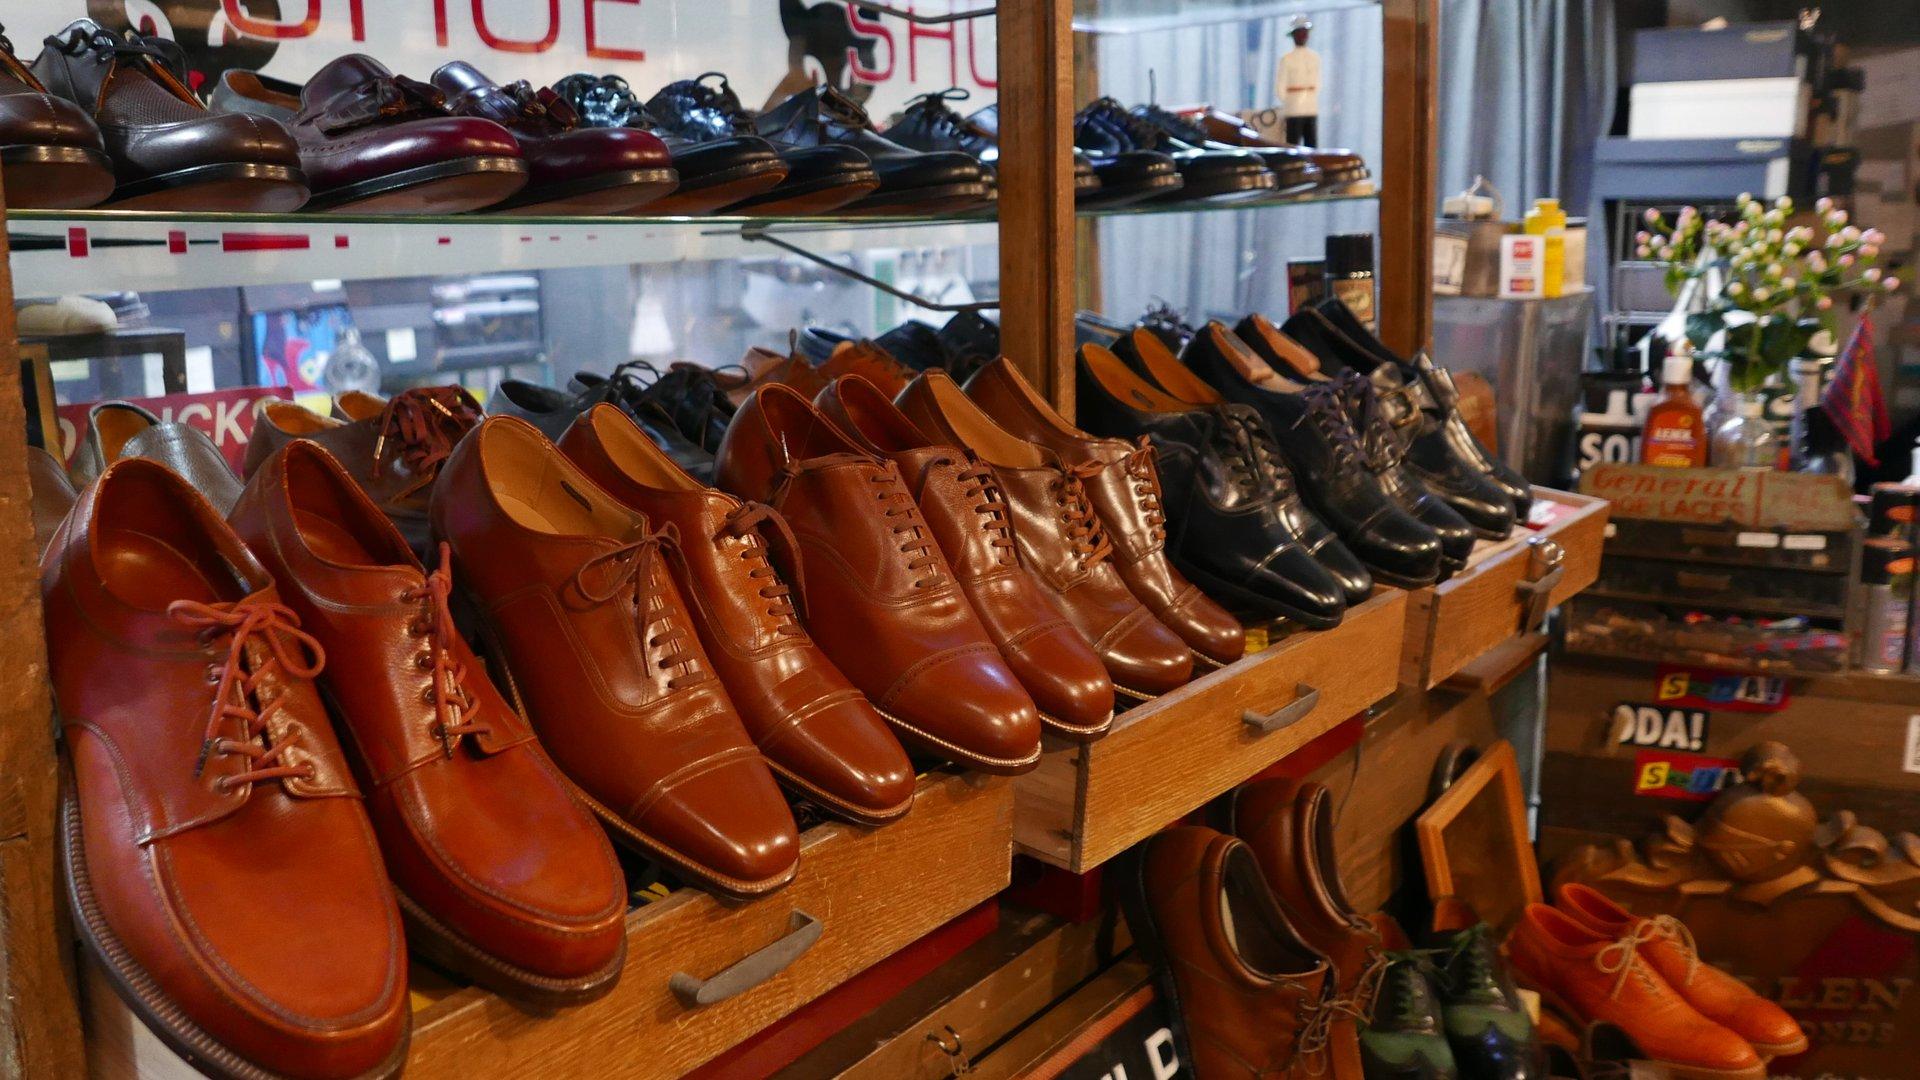 Super 8 Shoes